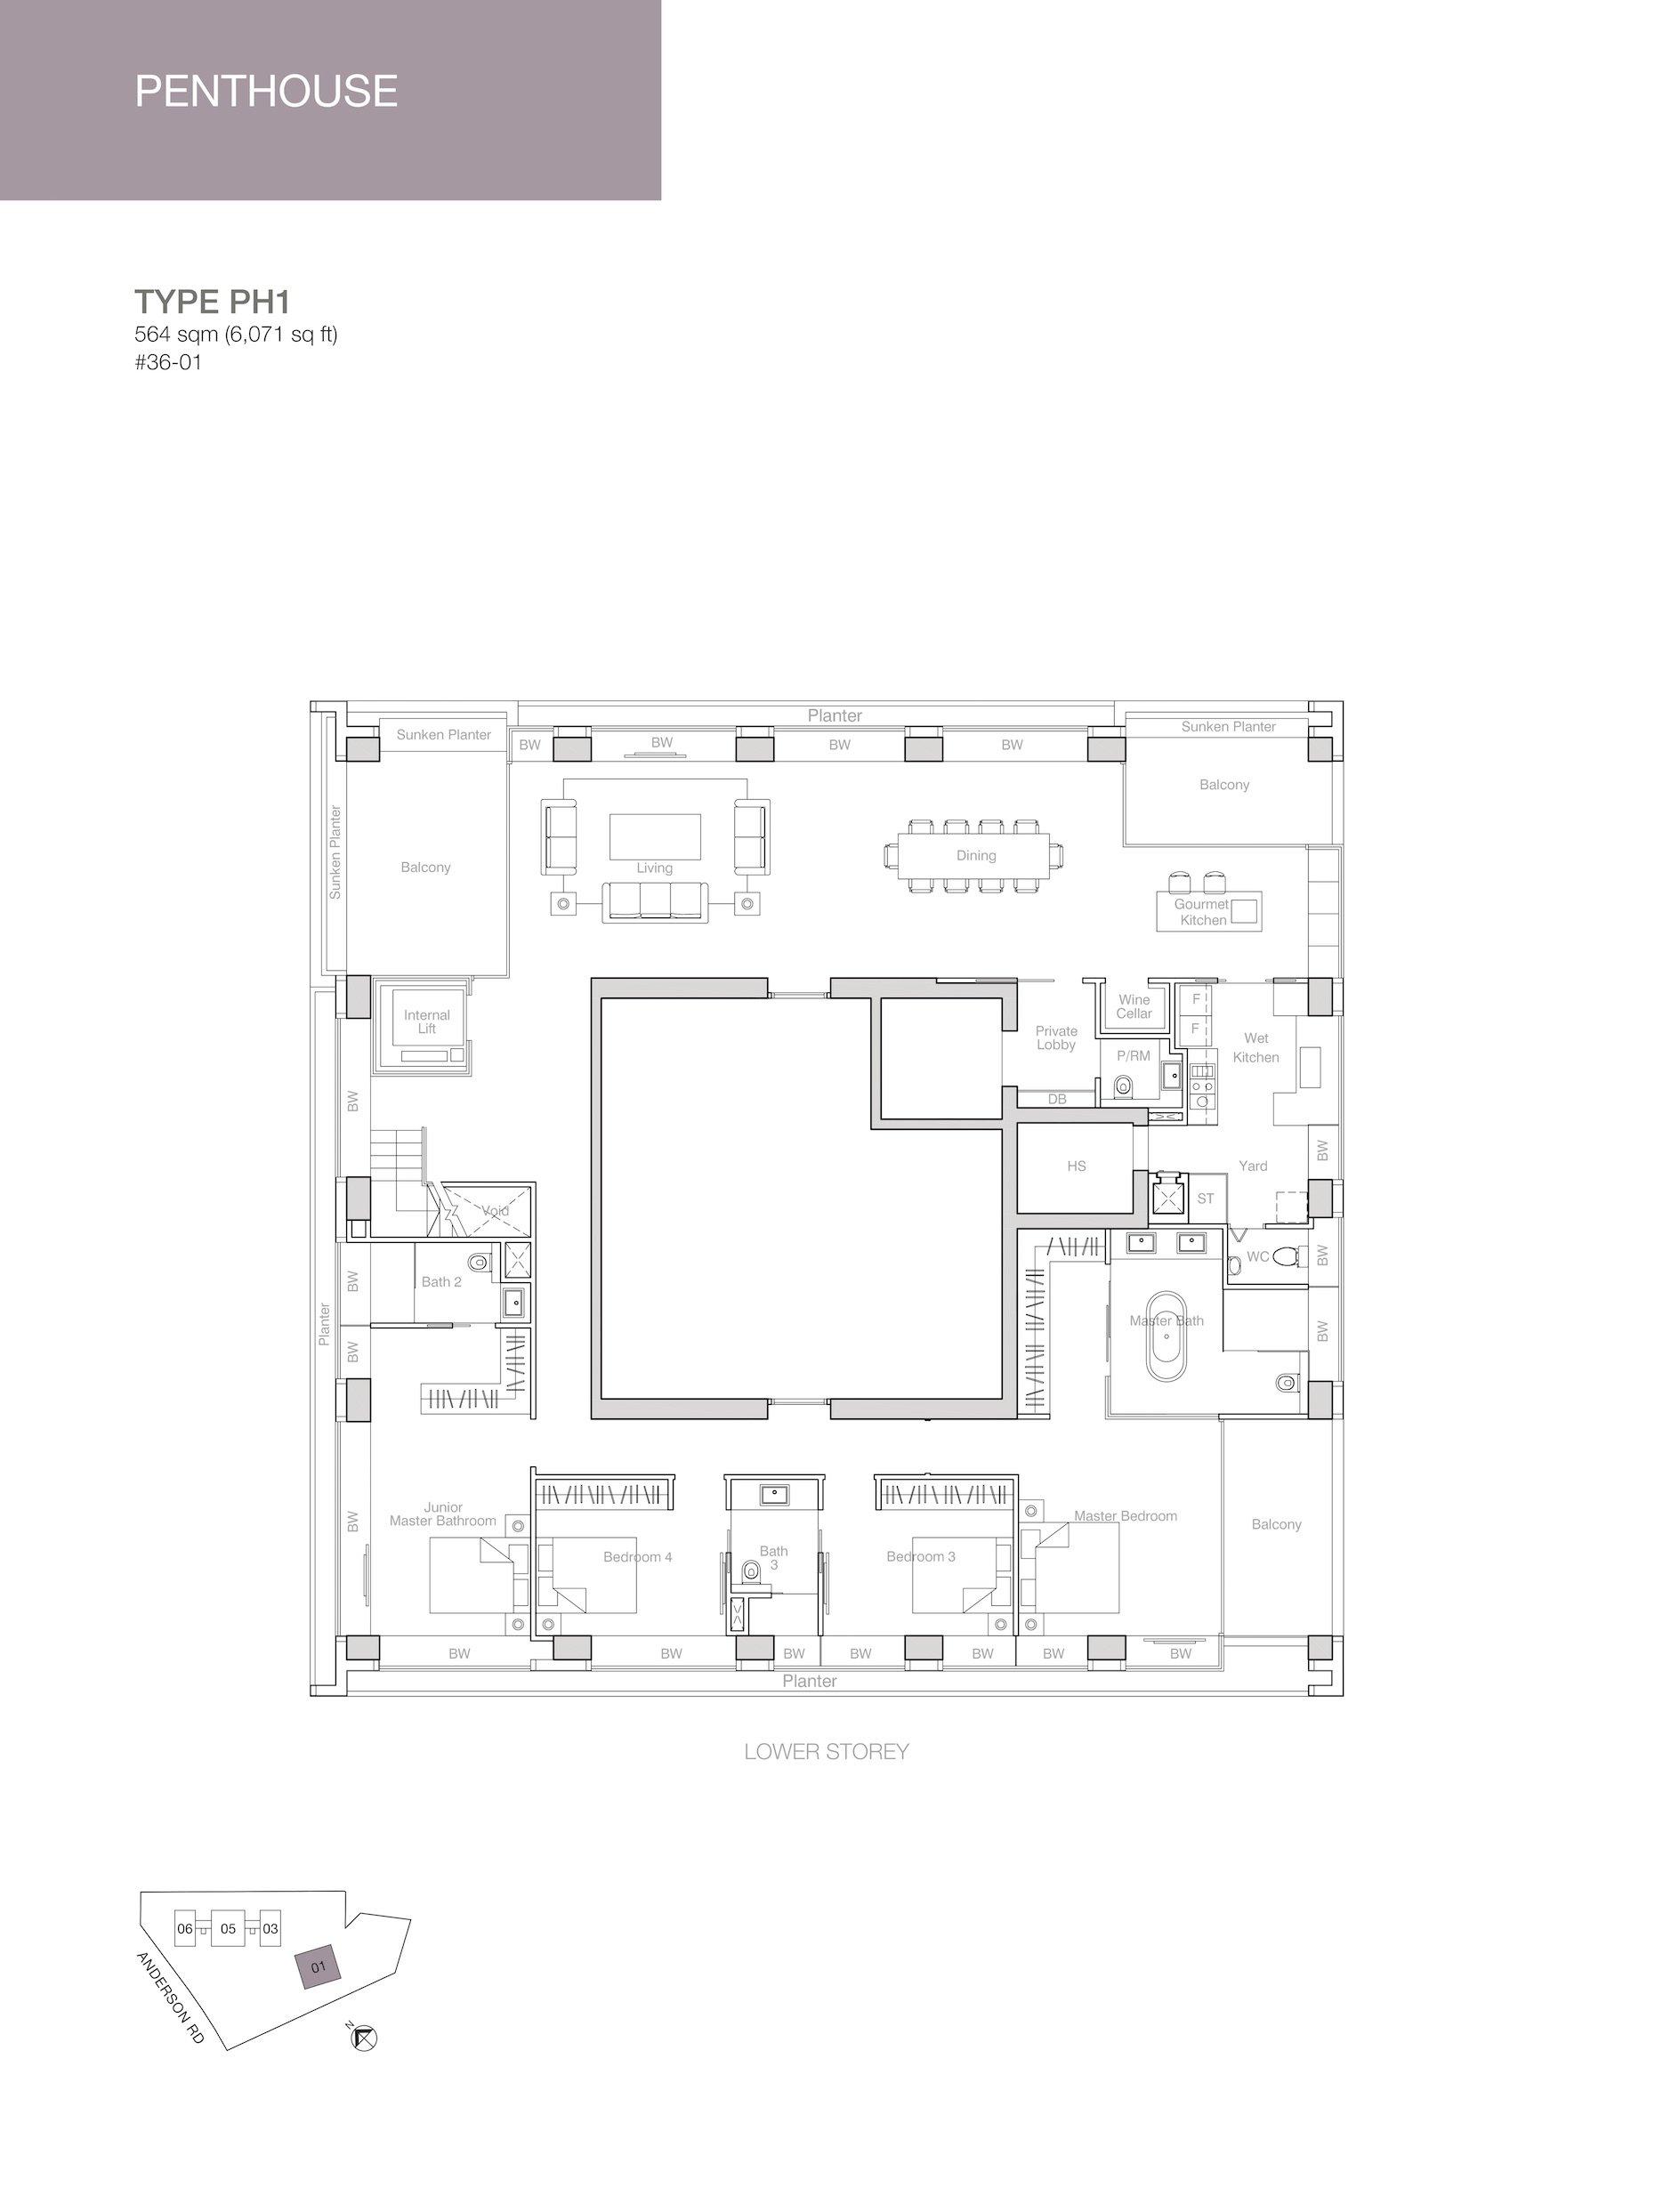 Nouvel 18 明筑公寓 floor plans PH1 36-01